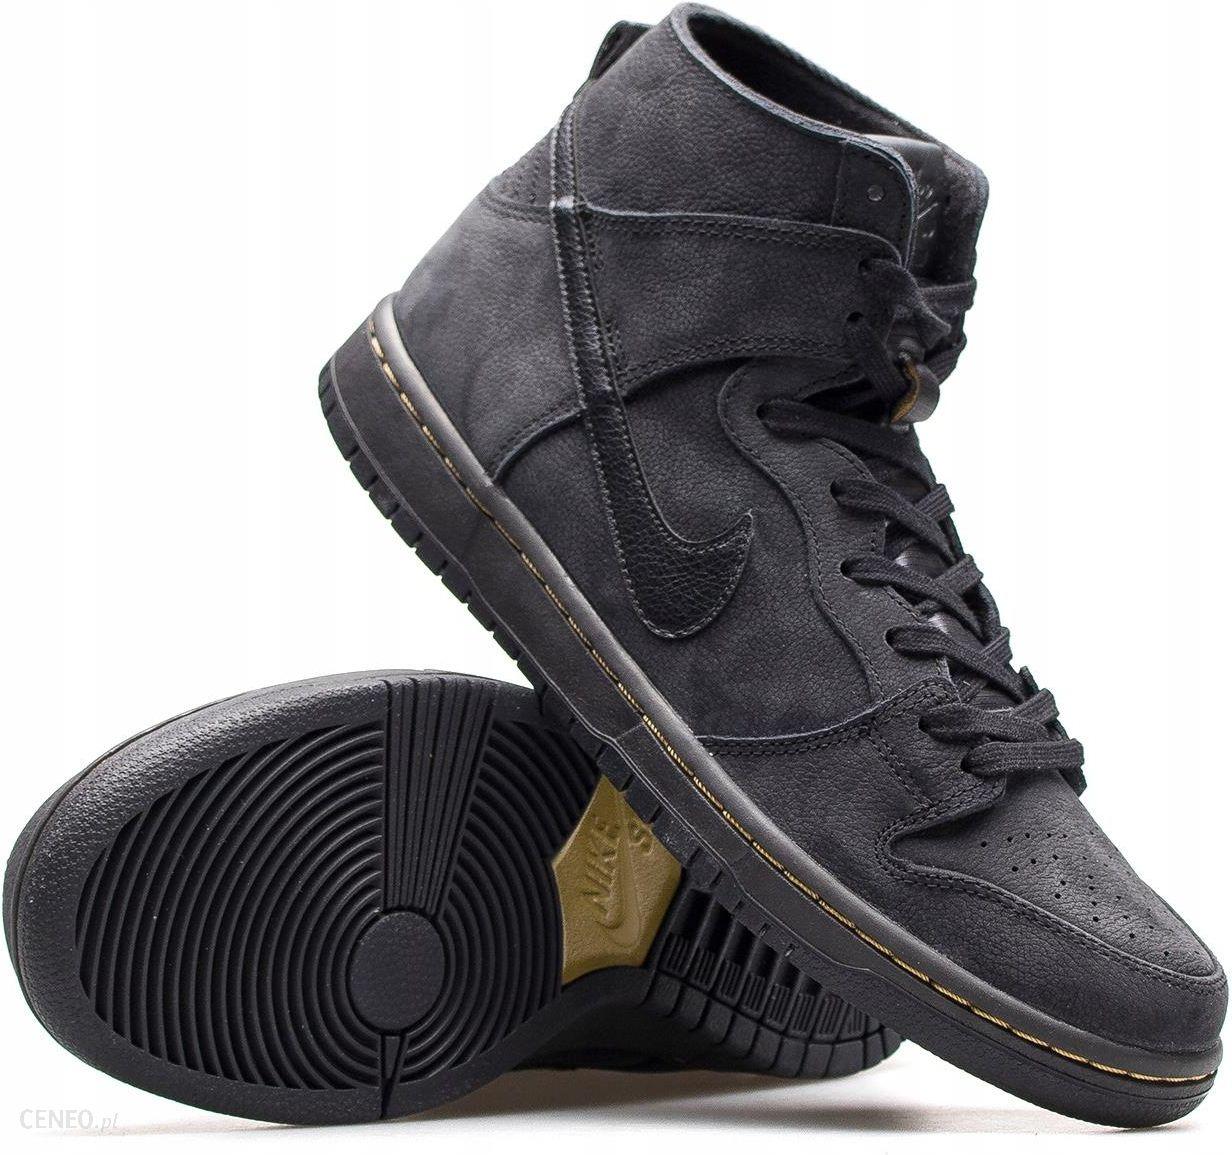 Buty męskie Nike Zoom Dunk High AR7620 002 45 Ceny i opinie Ceneo.pl